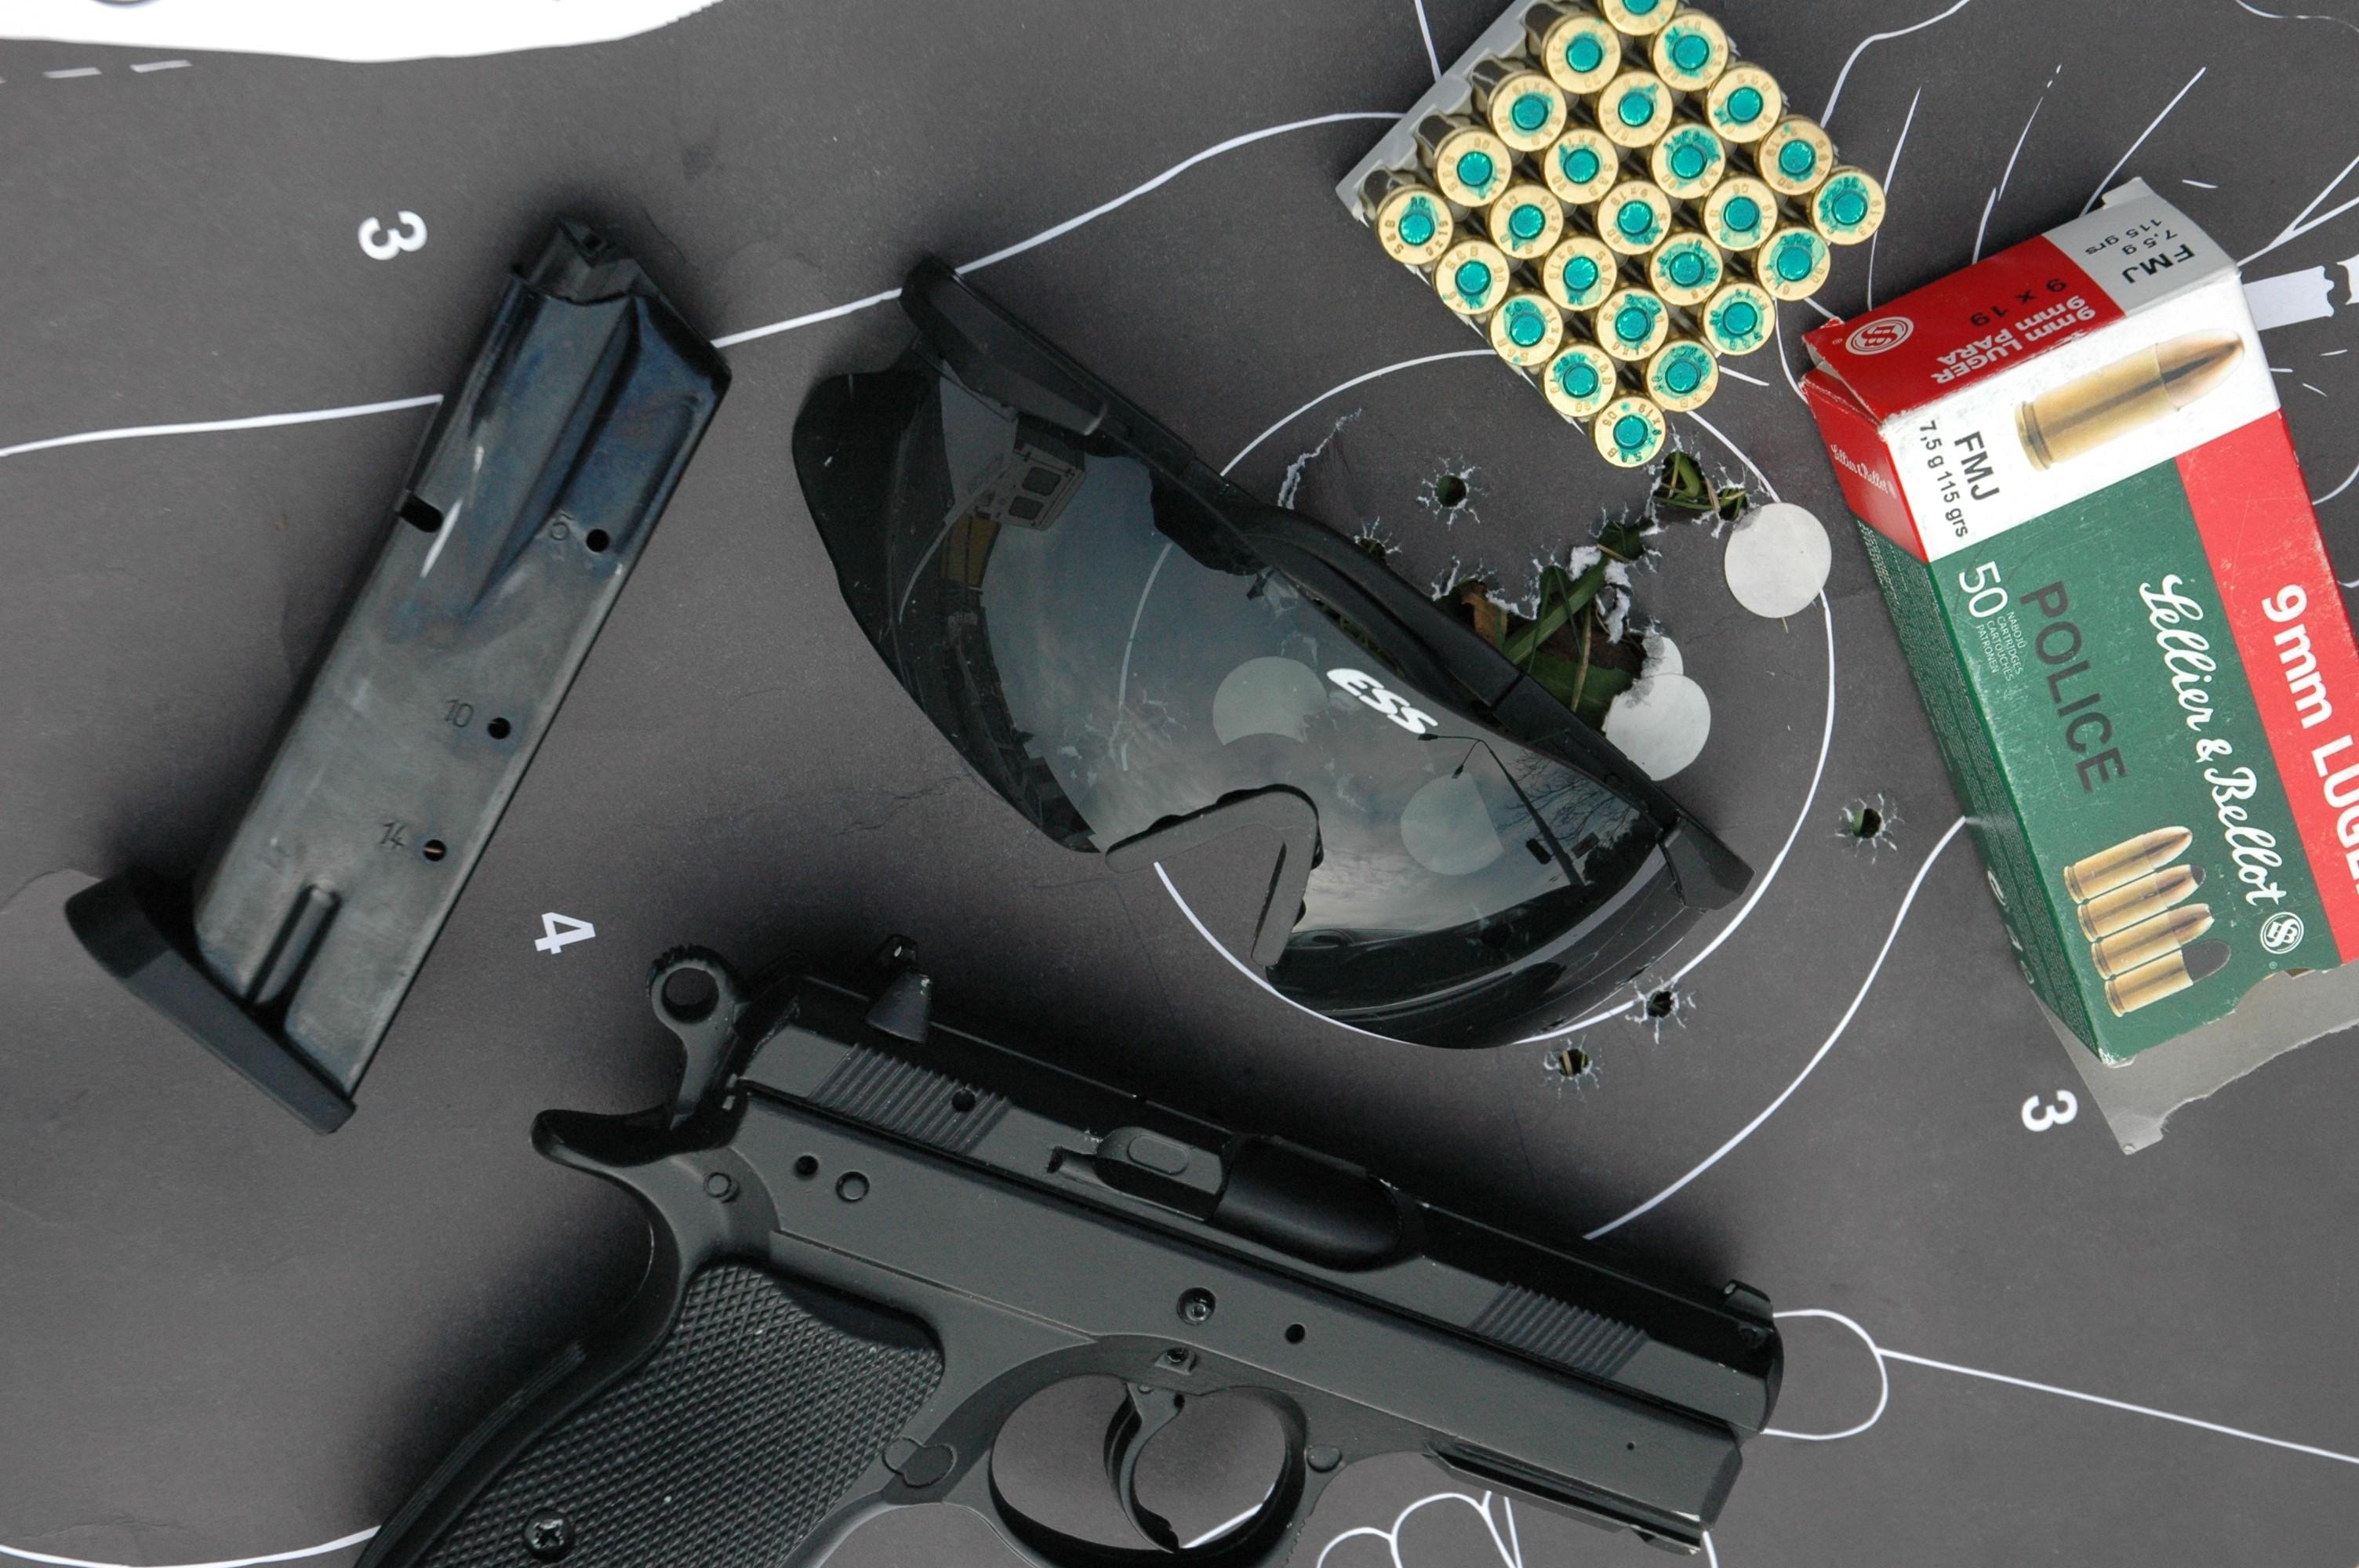 Střelivo na zbrojní průkaz